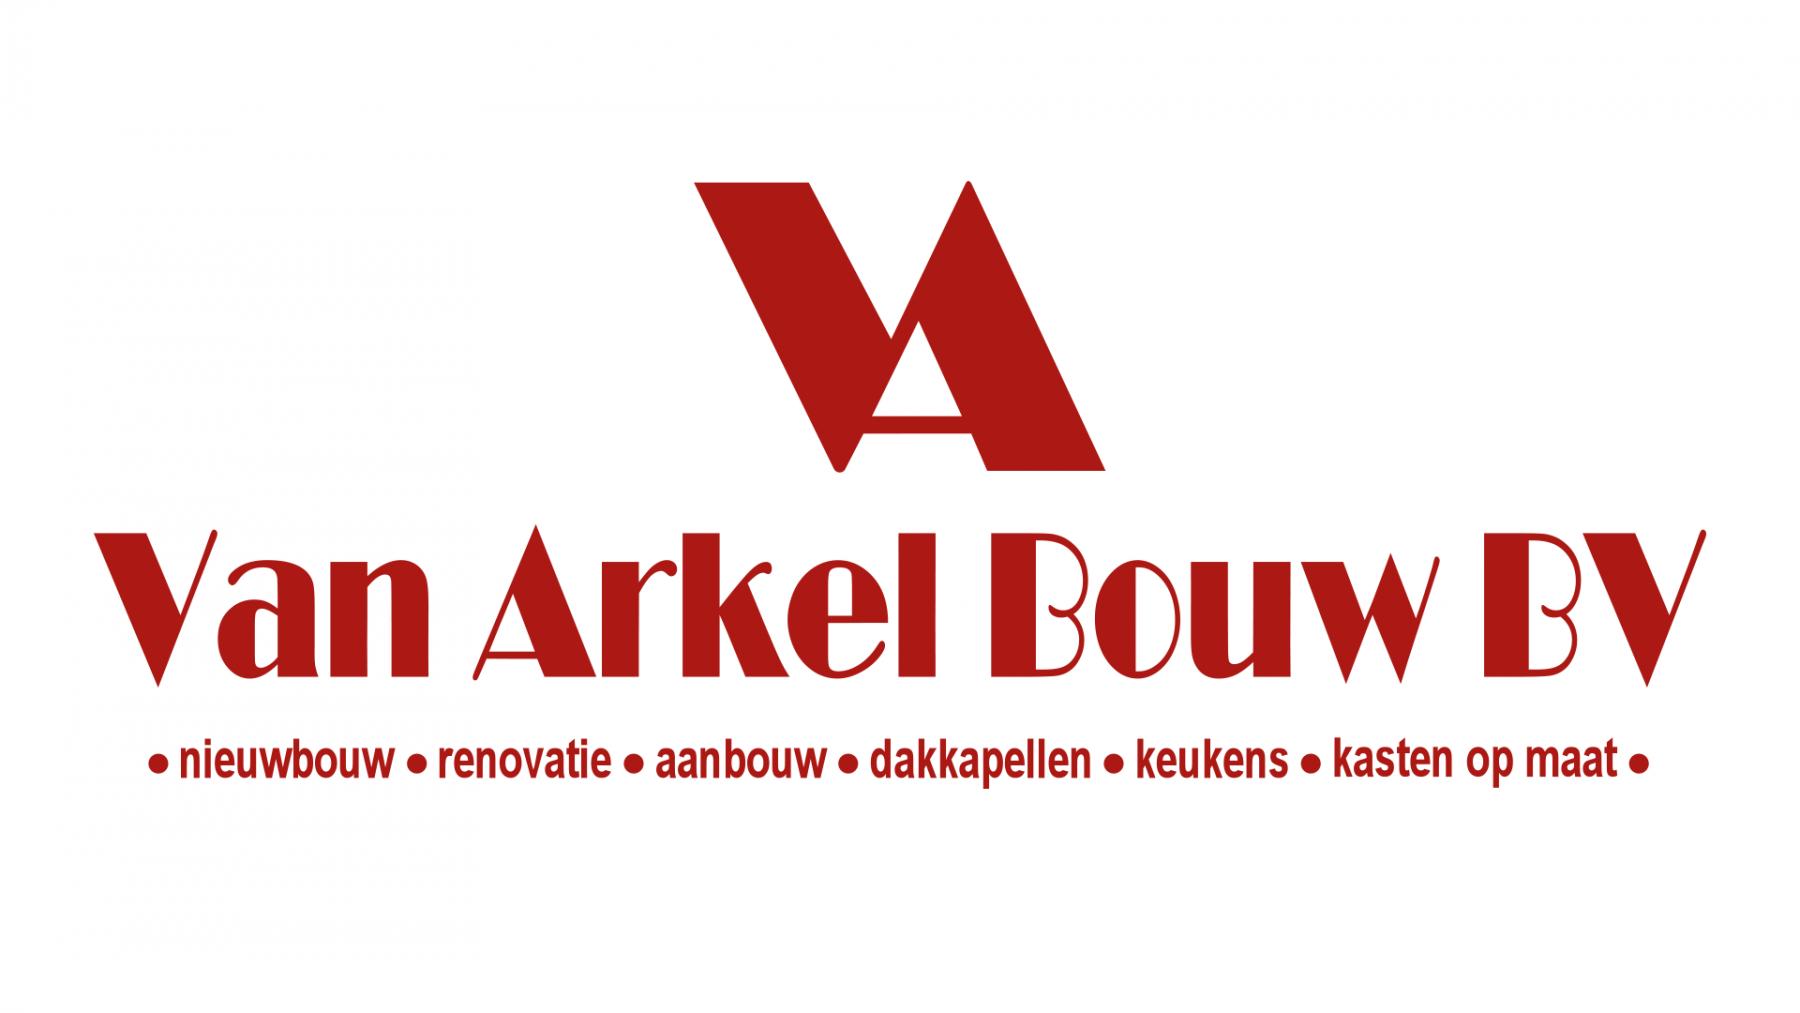 Van-Arkel-Bouw.fw_